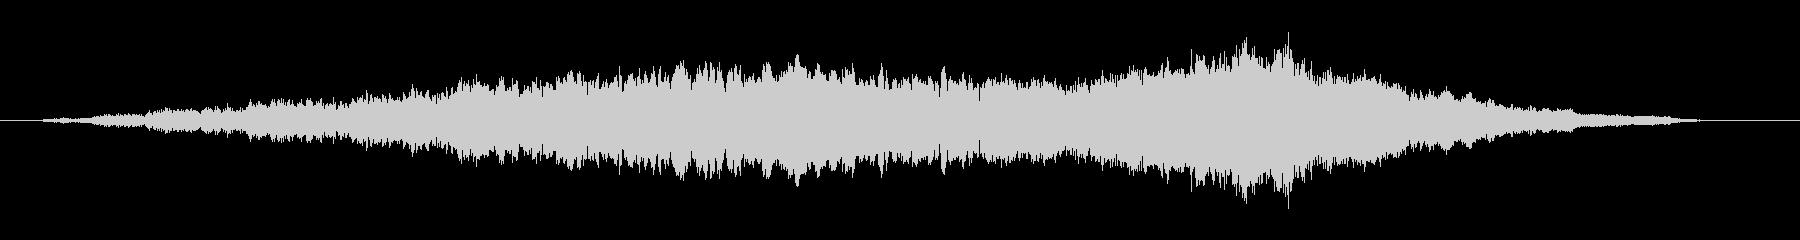 素材 フェージングドローンベル02の未再生の波形